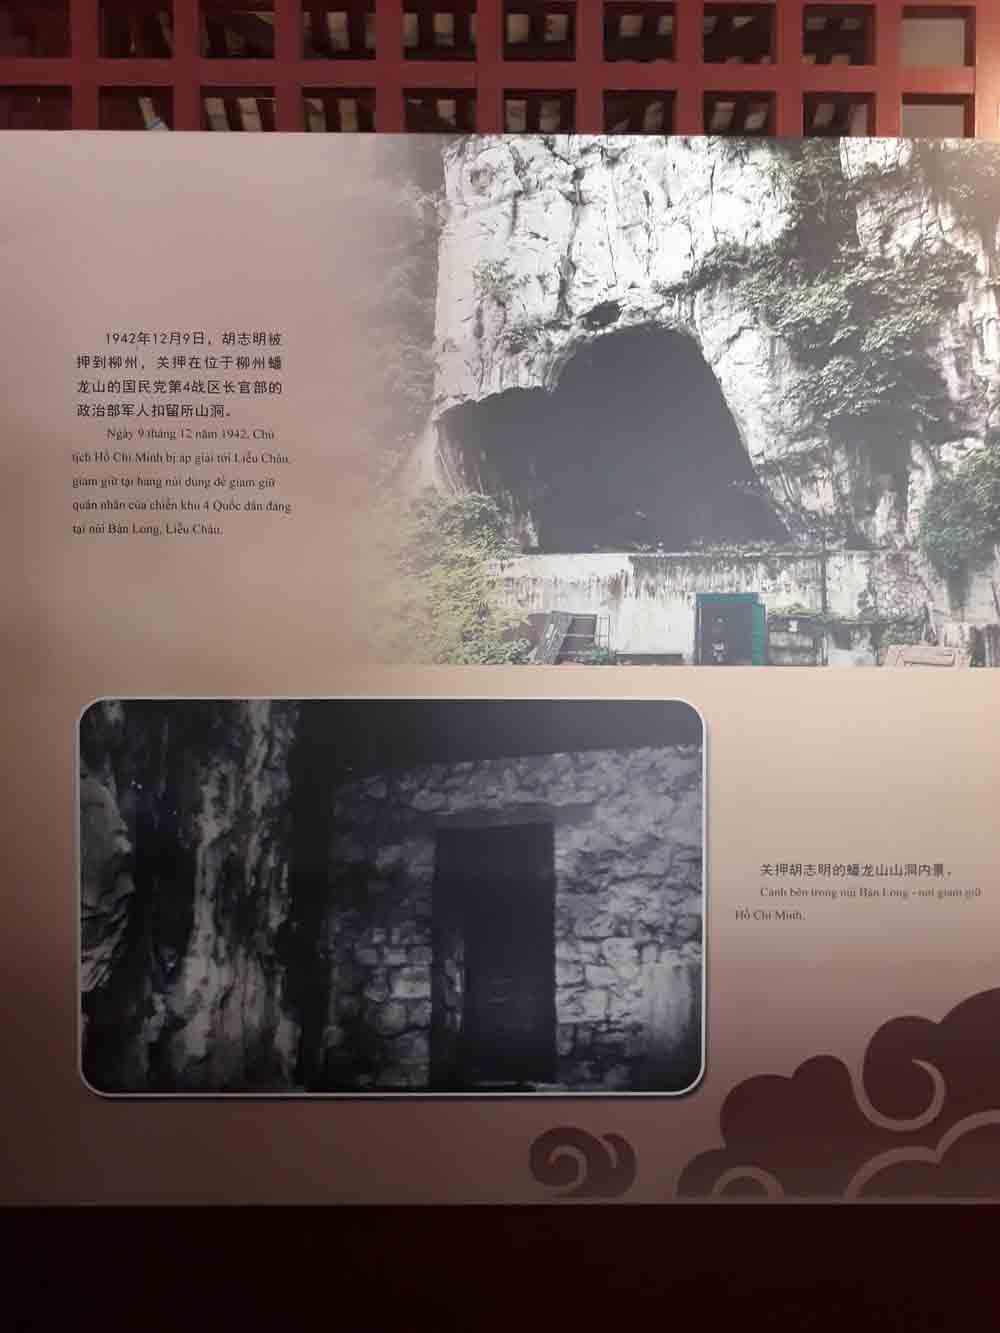 Hình ảnh cửa hang và nhà tù tại núi Bàn Long, nơi Bác Hồ bị chính quyền Tưởng Giới Thạch giam giữ.